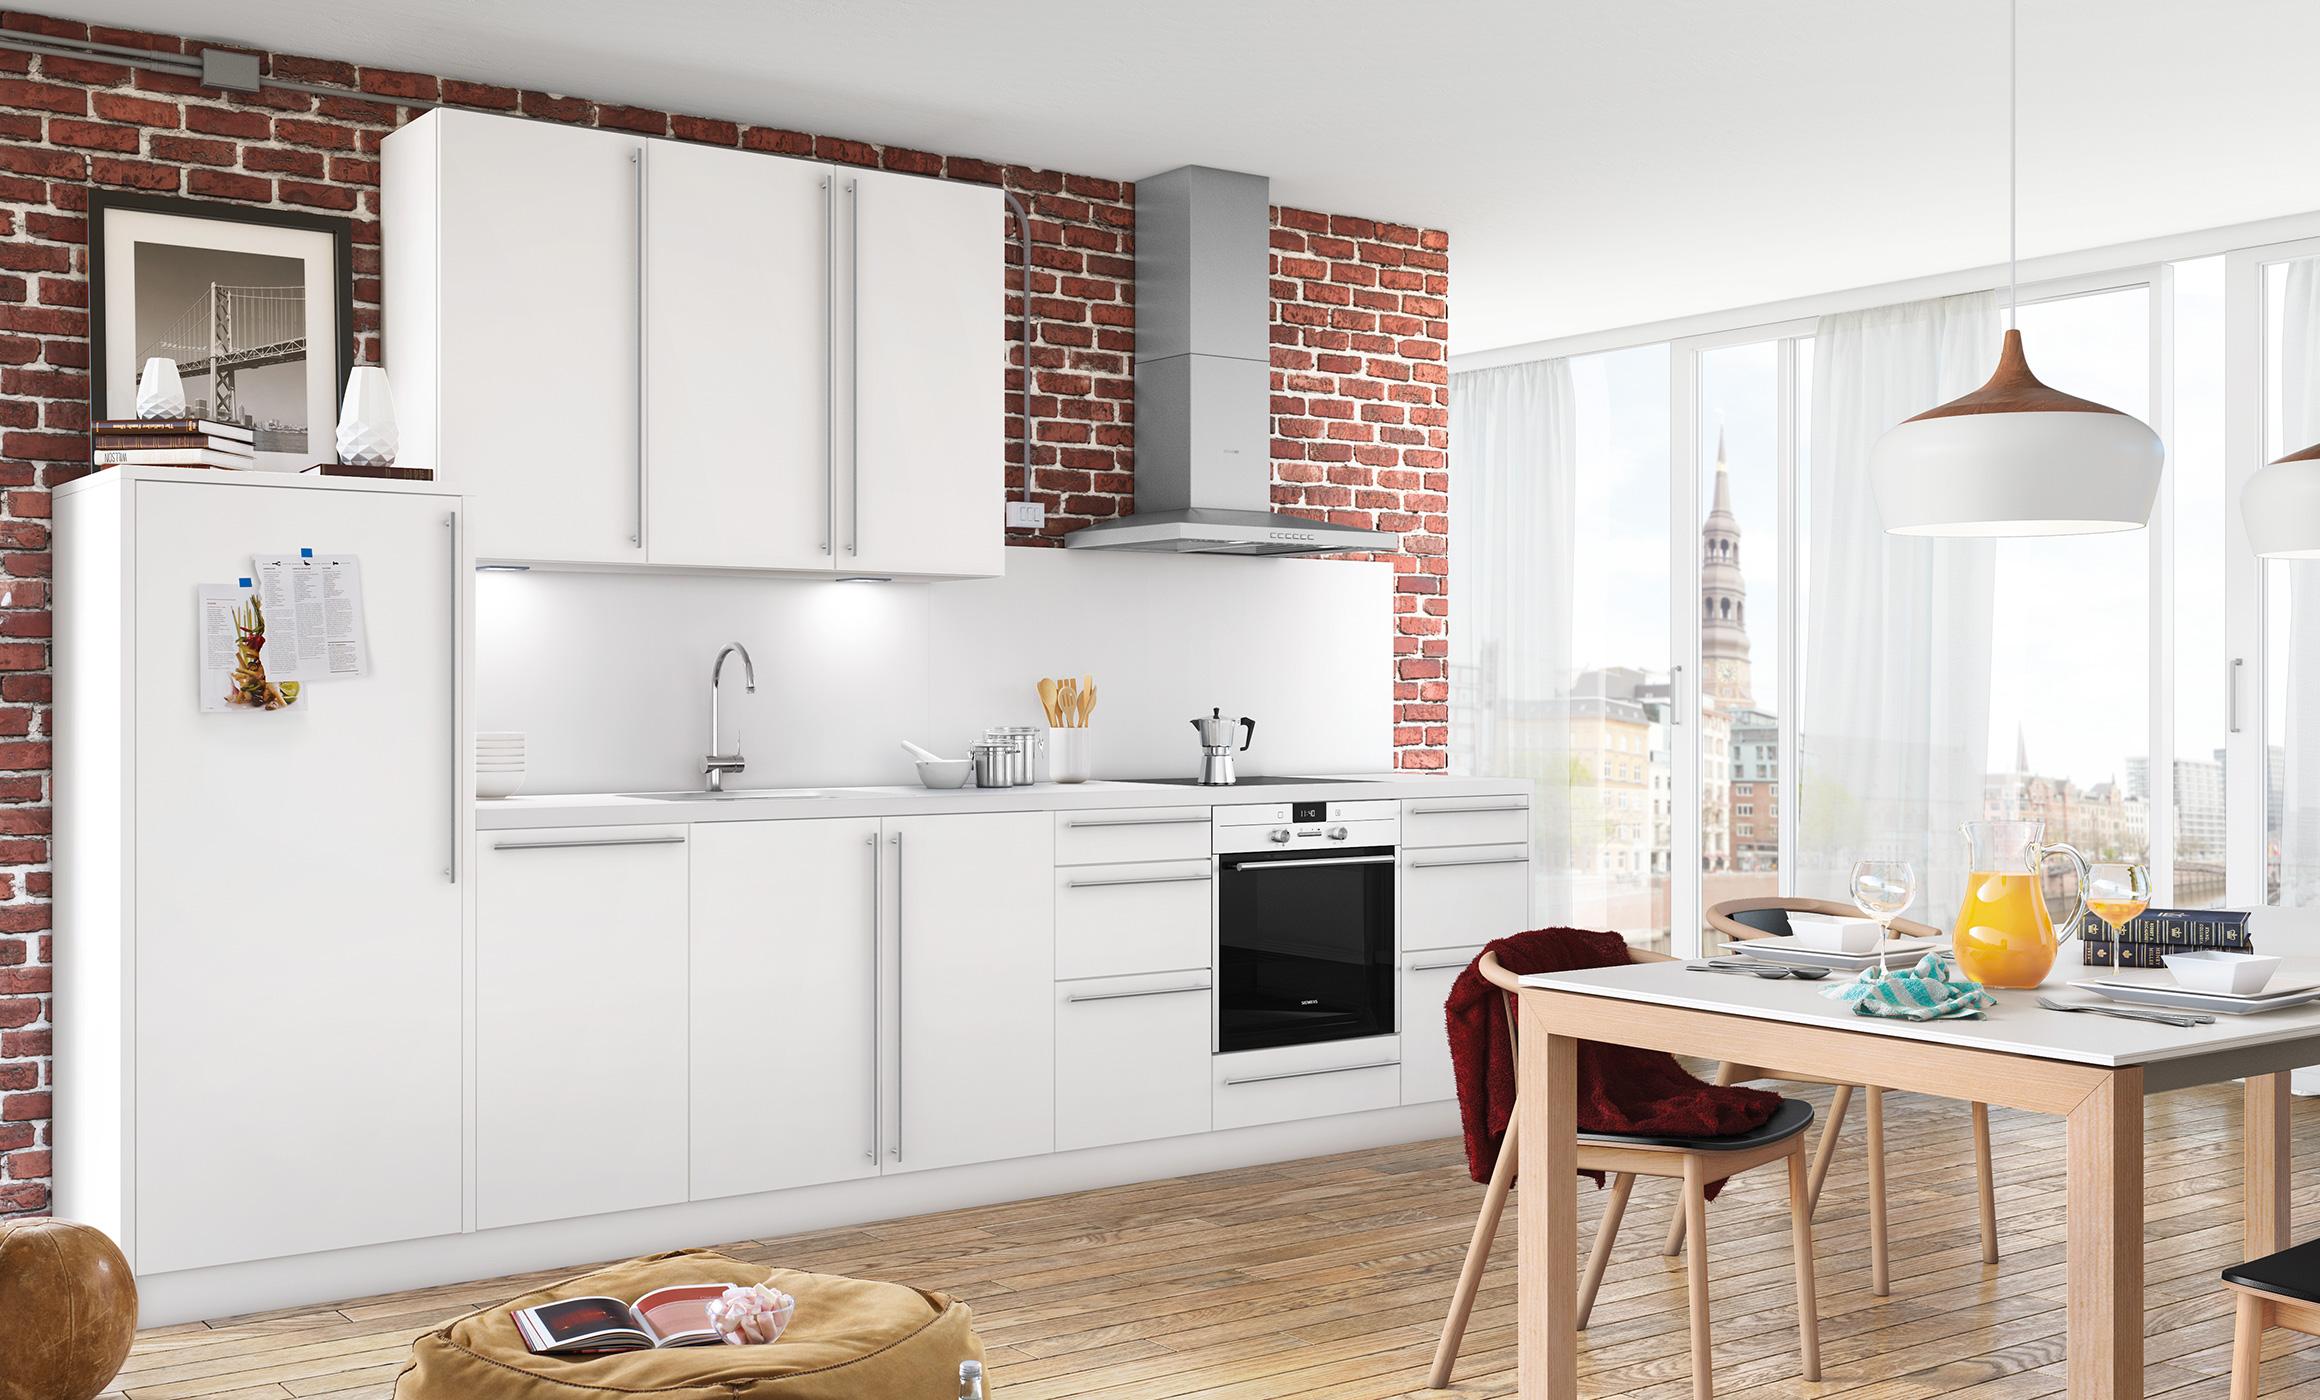 Kücheninspirationen - Hummel Küchen I Ideen für Ihre Küchenplanung